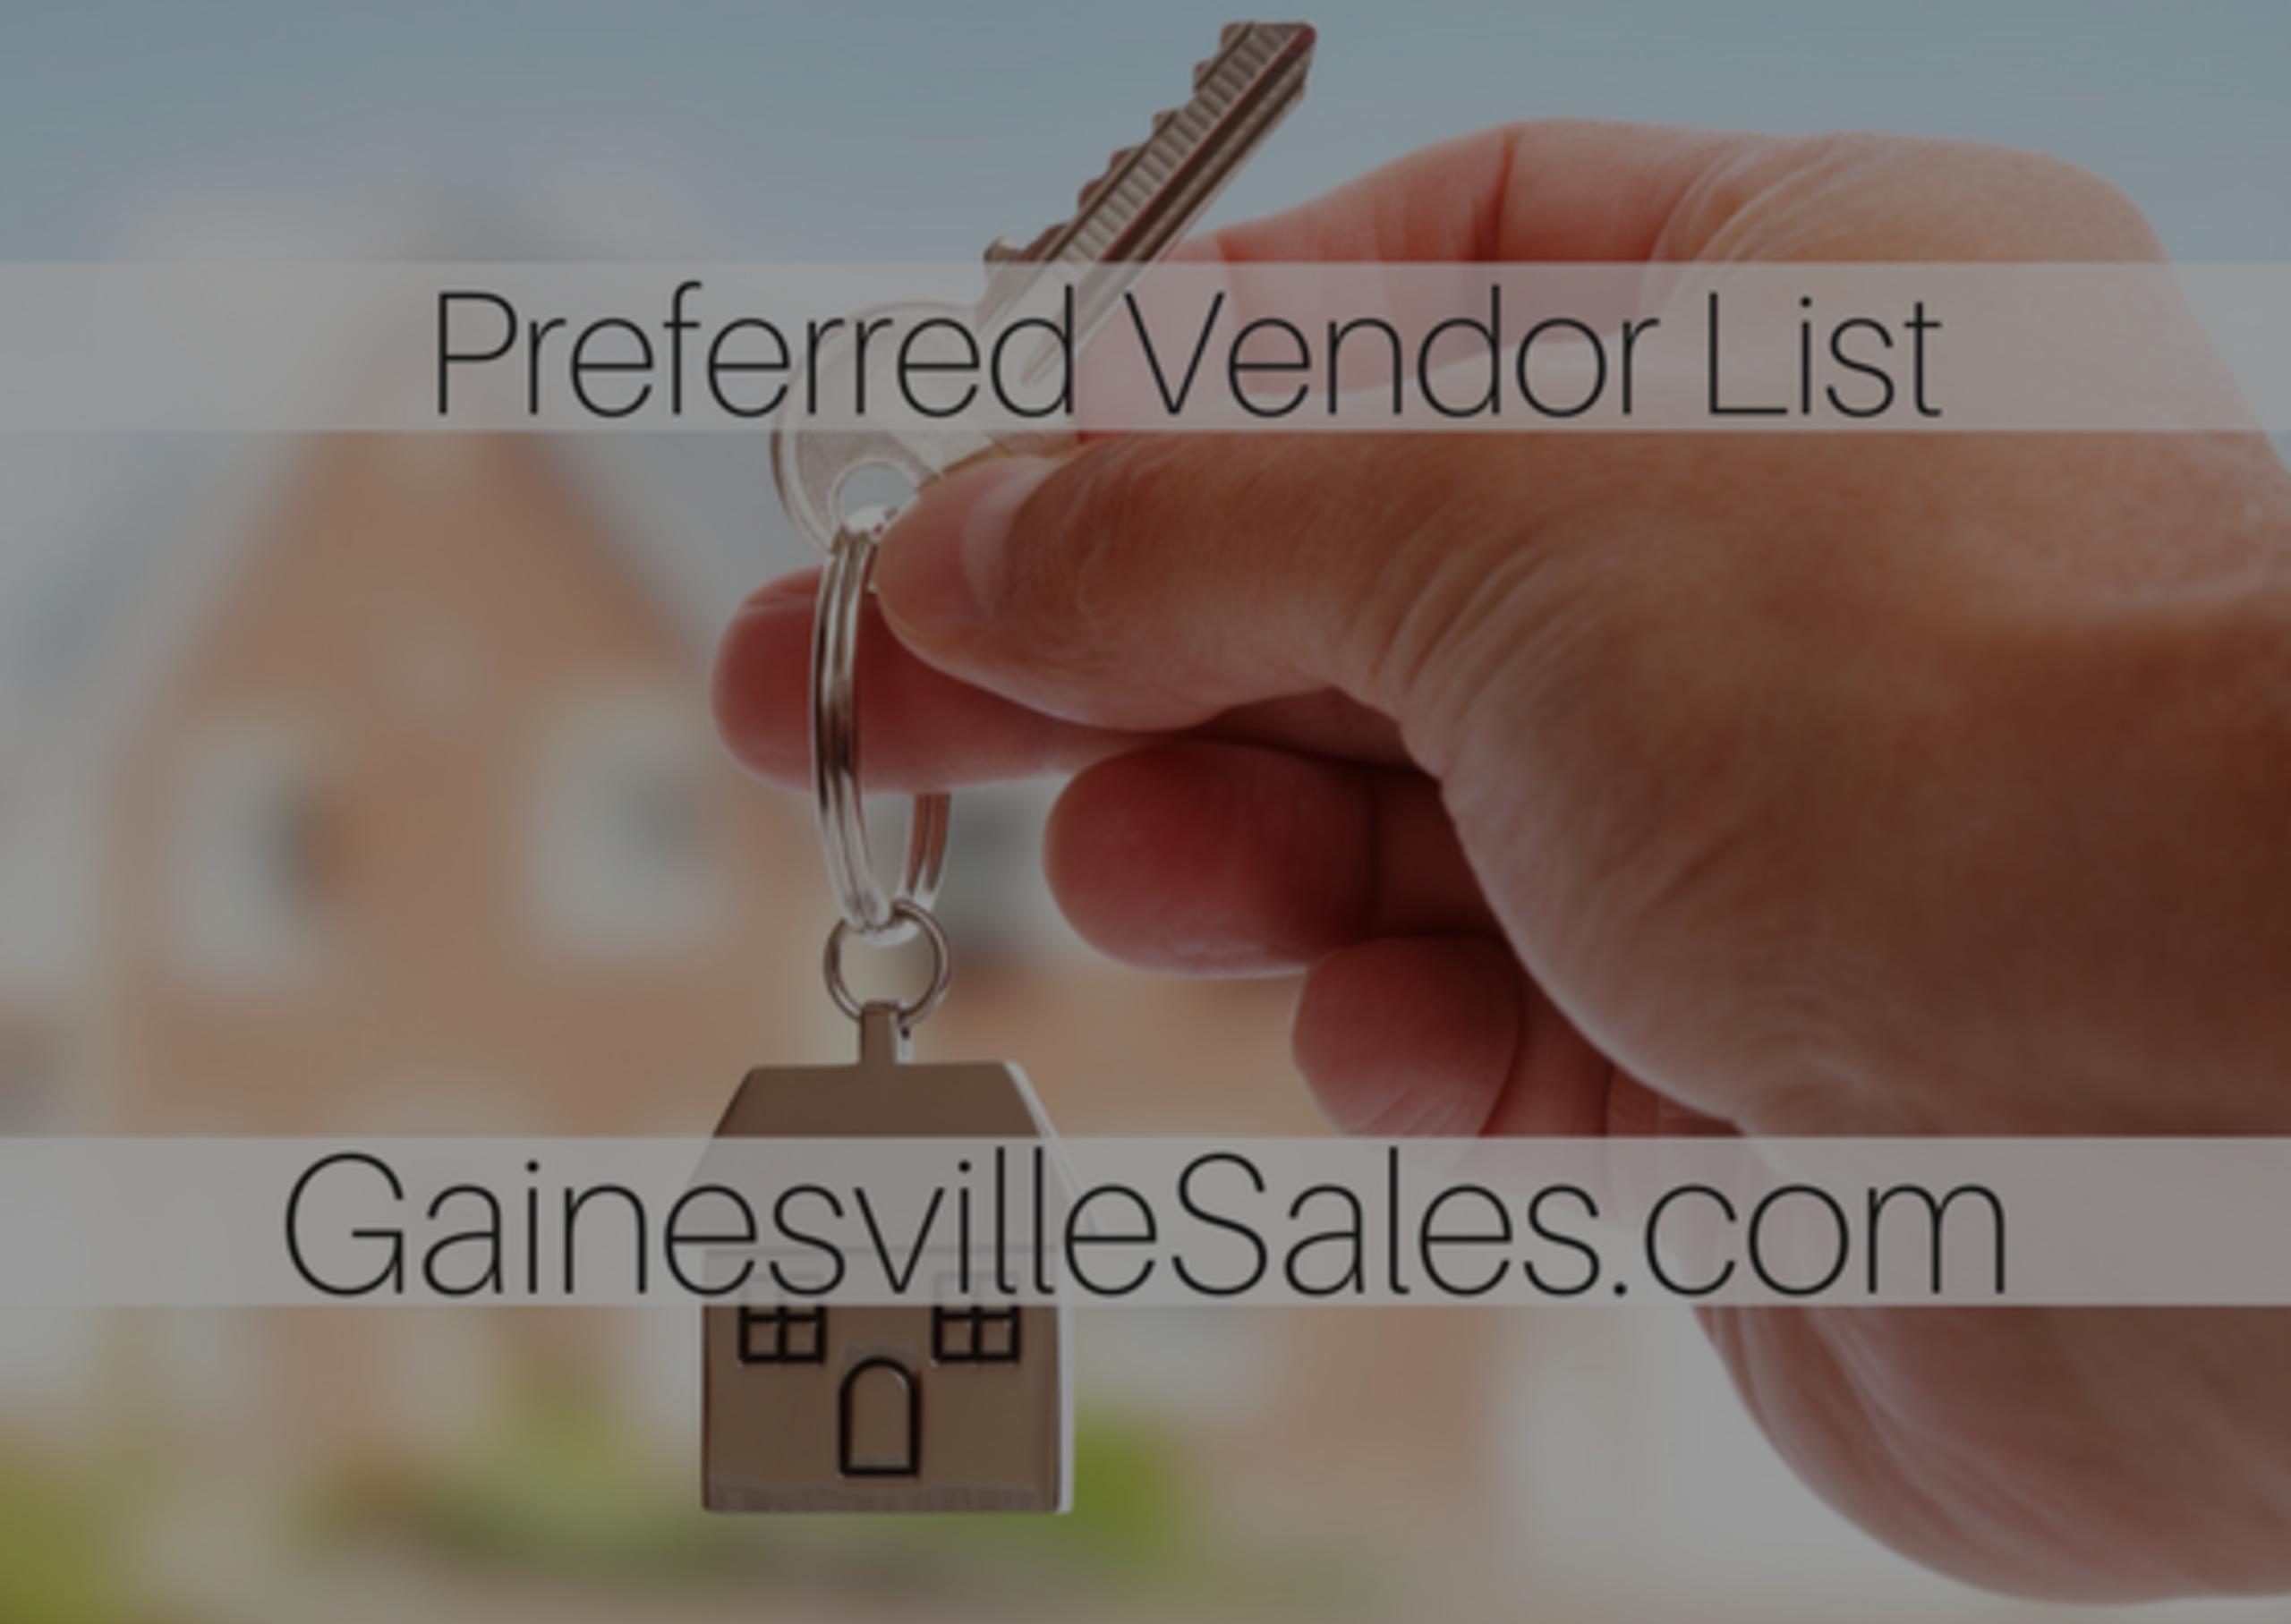 The Gainesville Sales Preferred Vendors